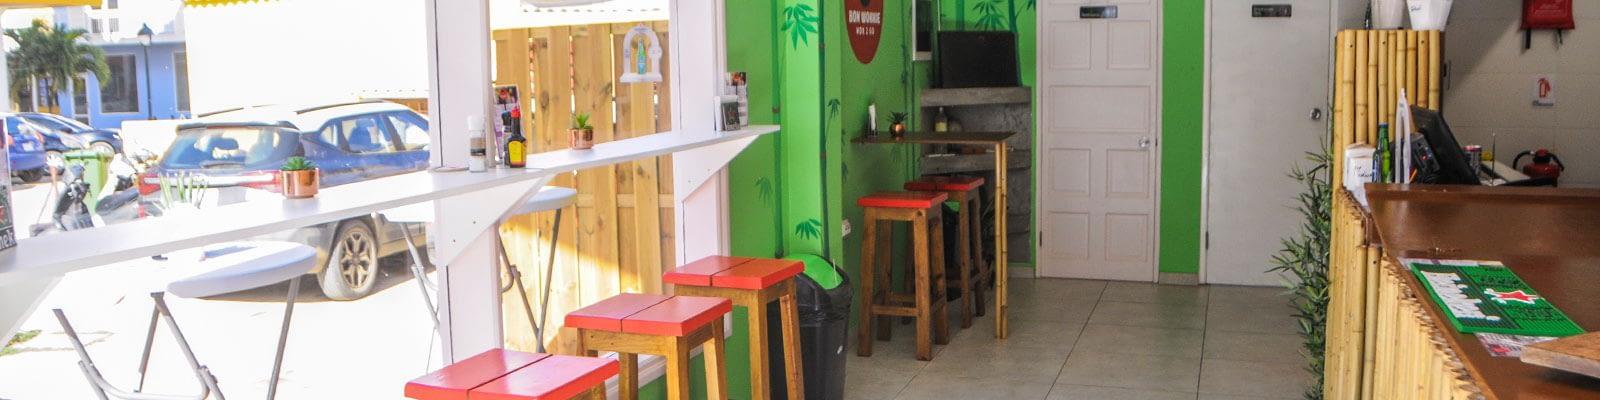 bon-wokkie-asian-take-away-restaurant-bonaire-slider-5